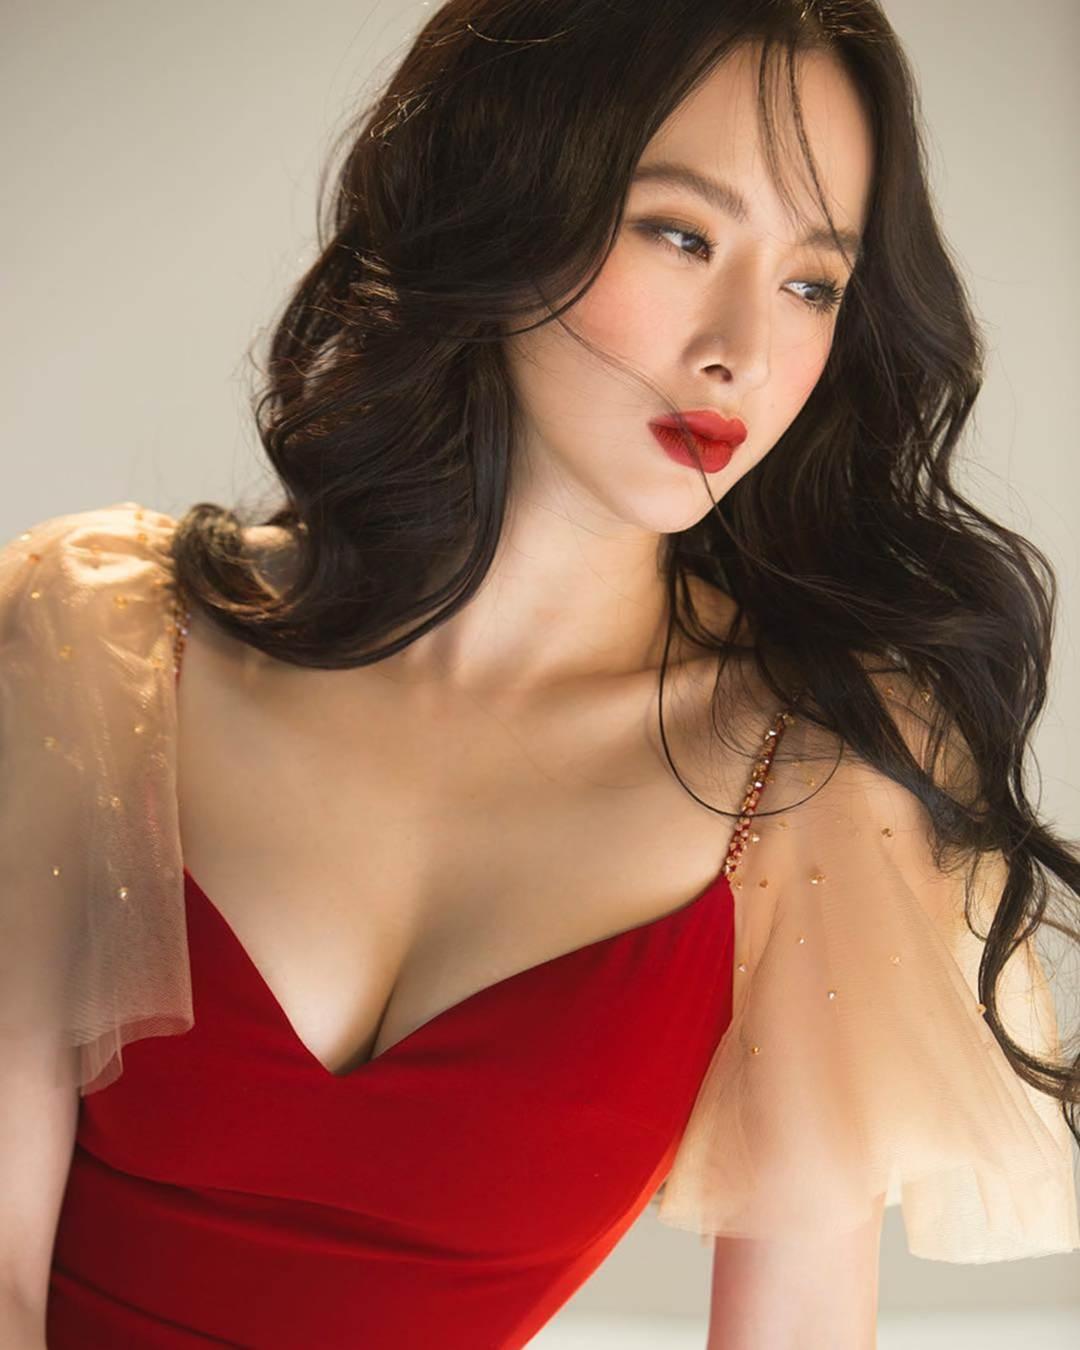 Phong cách thời trang của Angela Phương Trinh sau khi xong khóa tu dài - 1